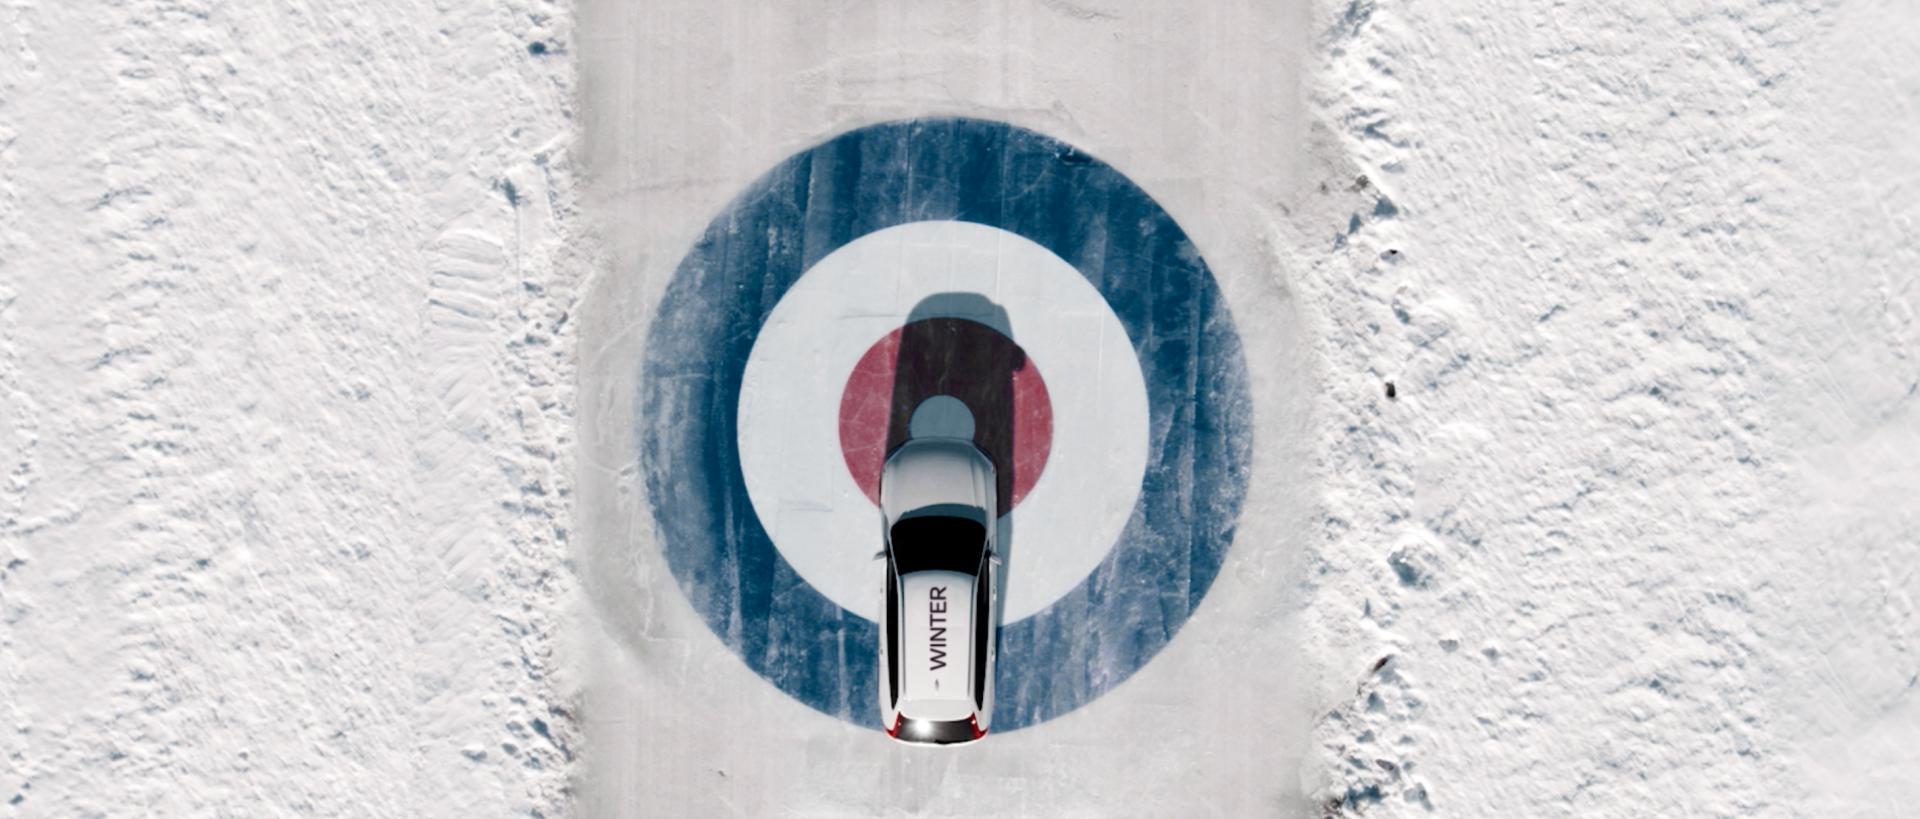 Volvo_Bremstest_im_Schnee_Auto_Curlingkreis